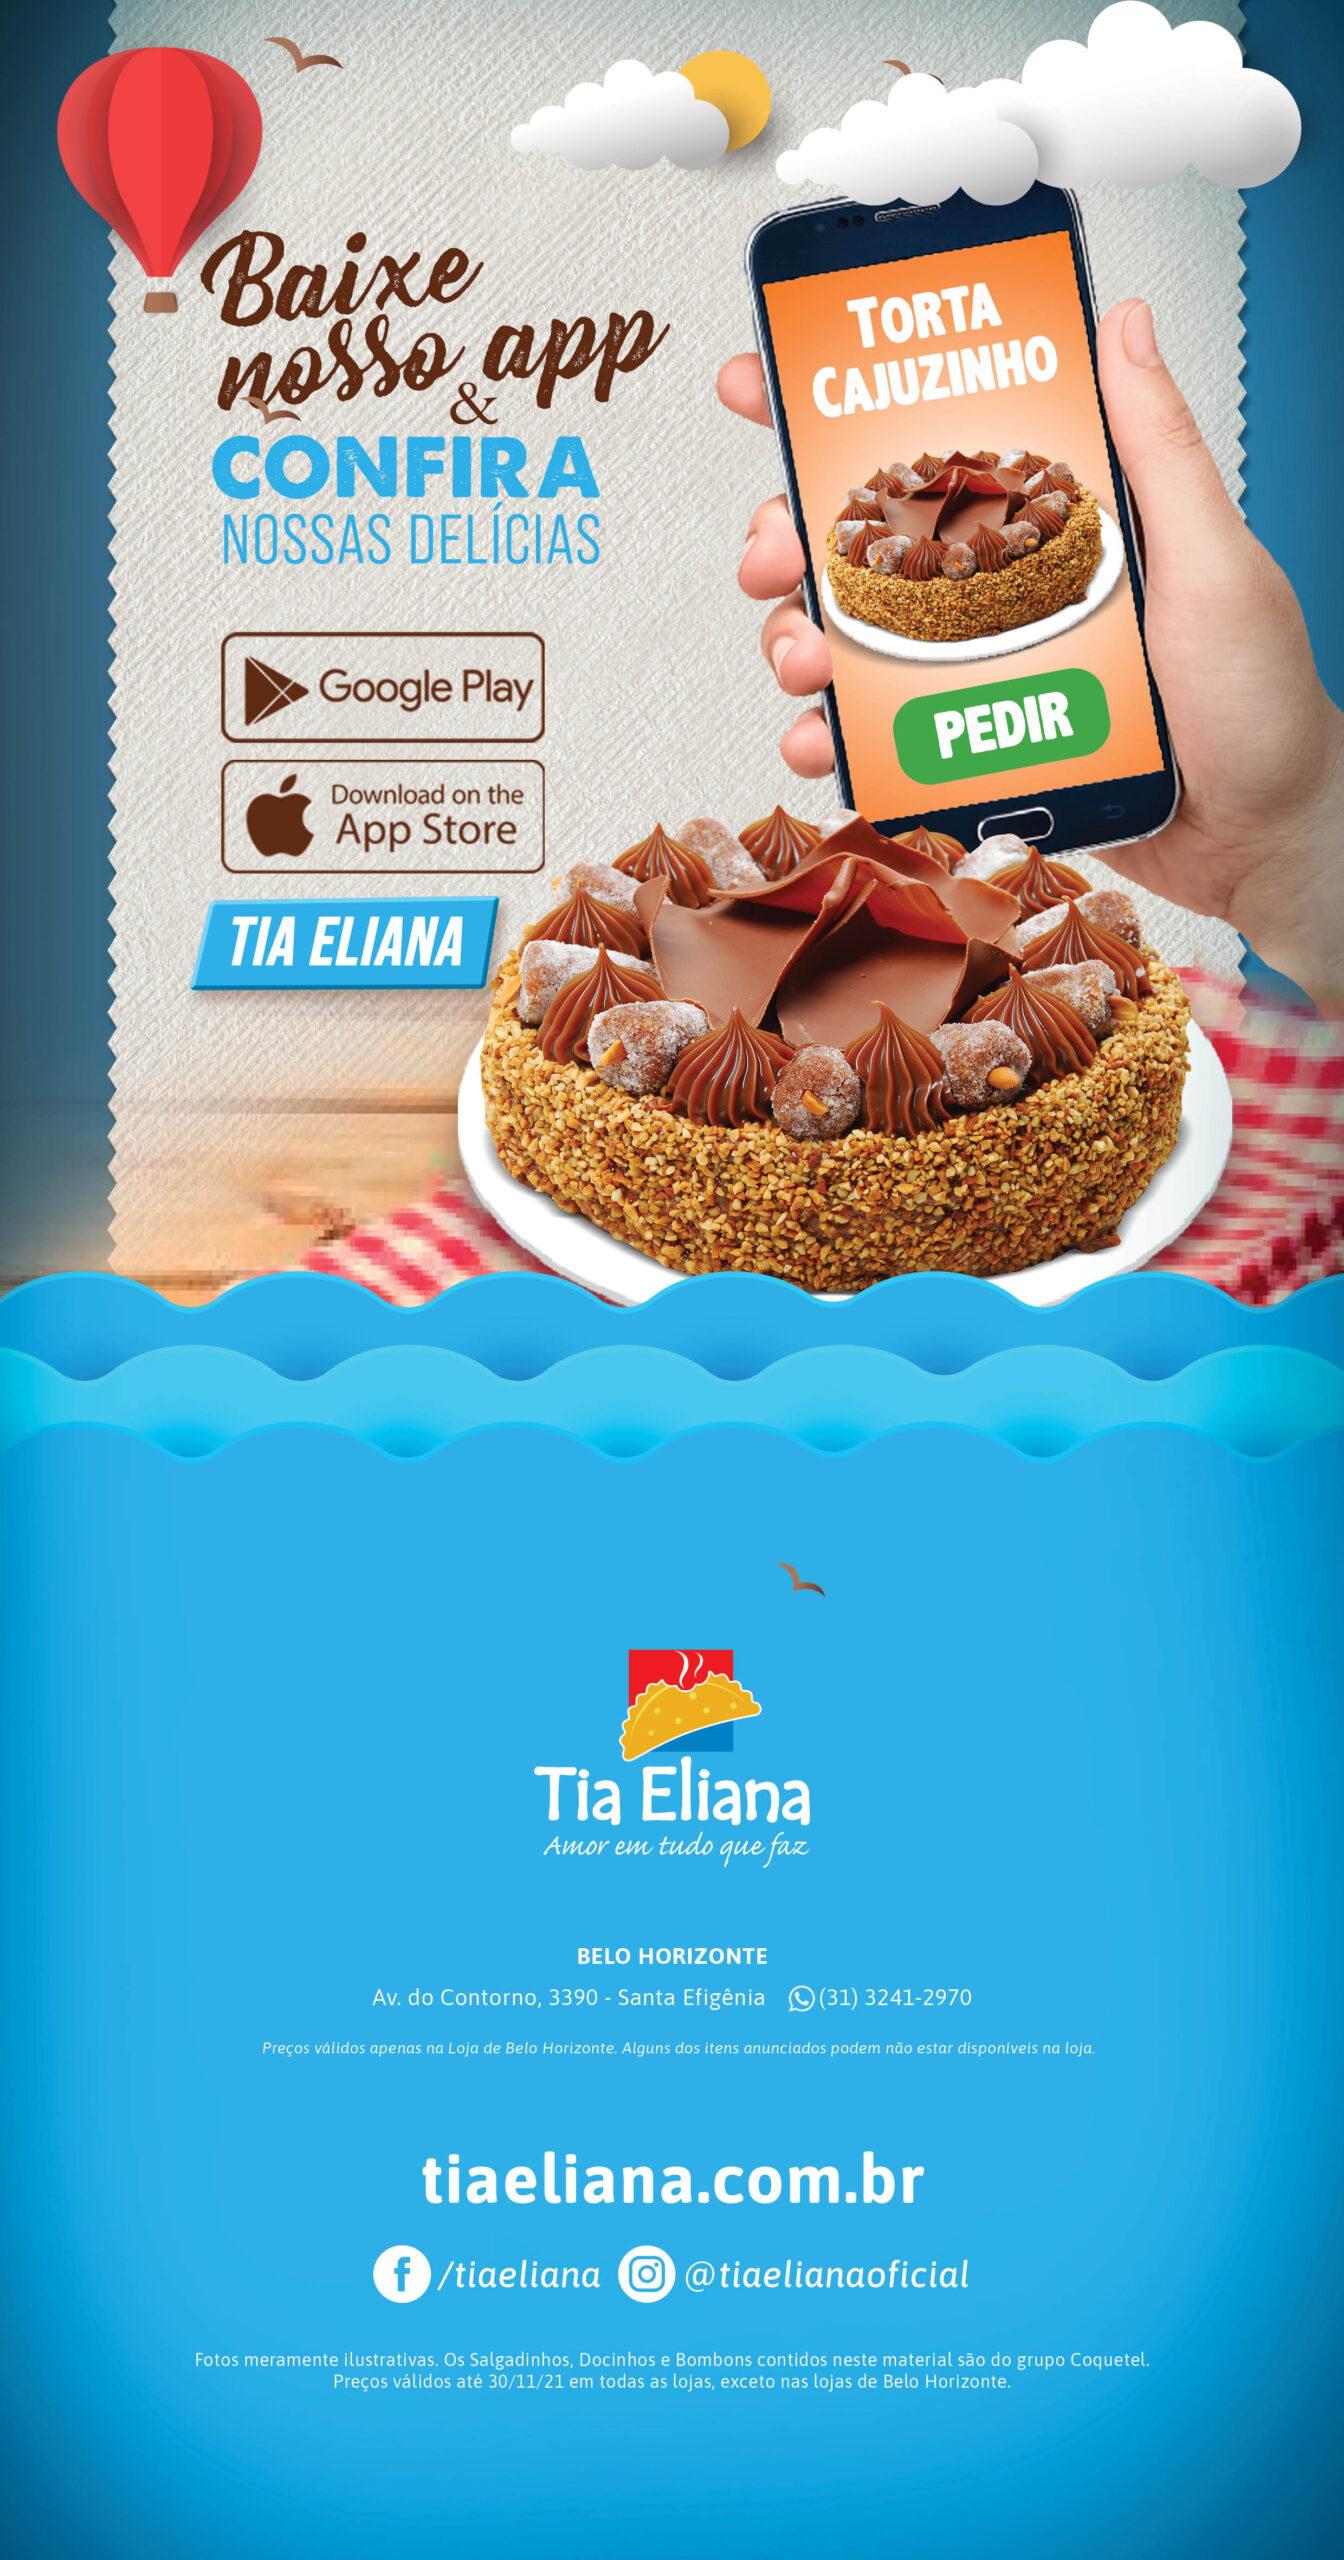 cardapio_encomendas_40x21cm_tia_eliana_capital_santa_efigenia10-scaled Encomendas - Santa Efigênia